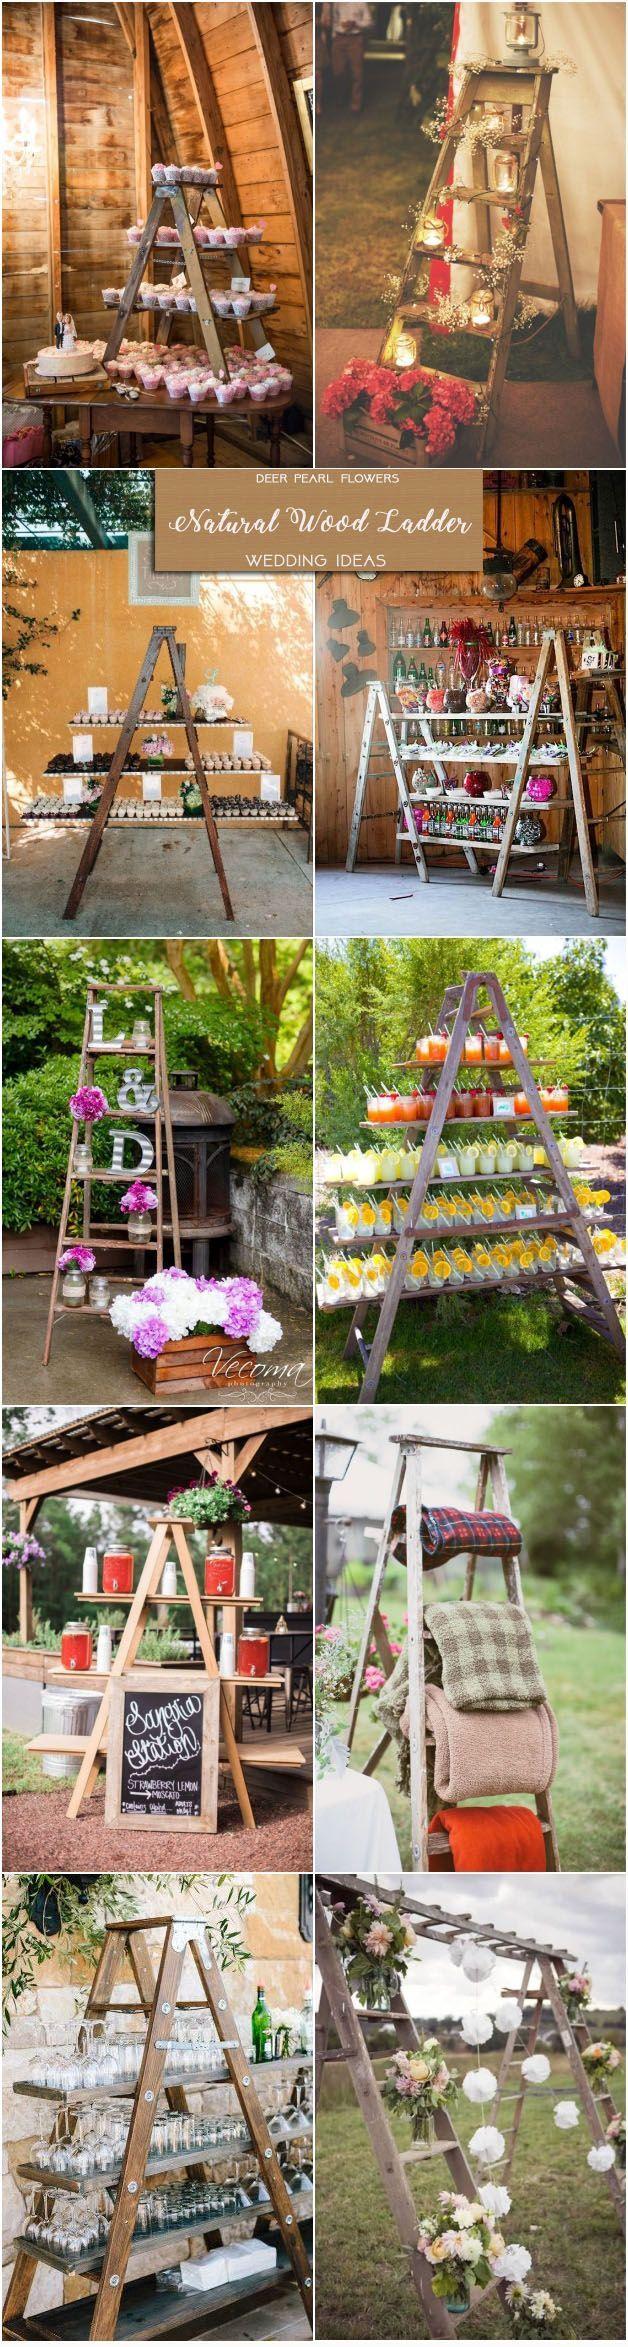 Rustic wedding ideas- natural wood ladder wedding decor ideas